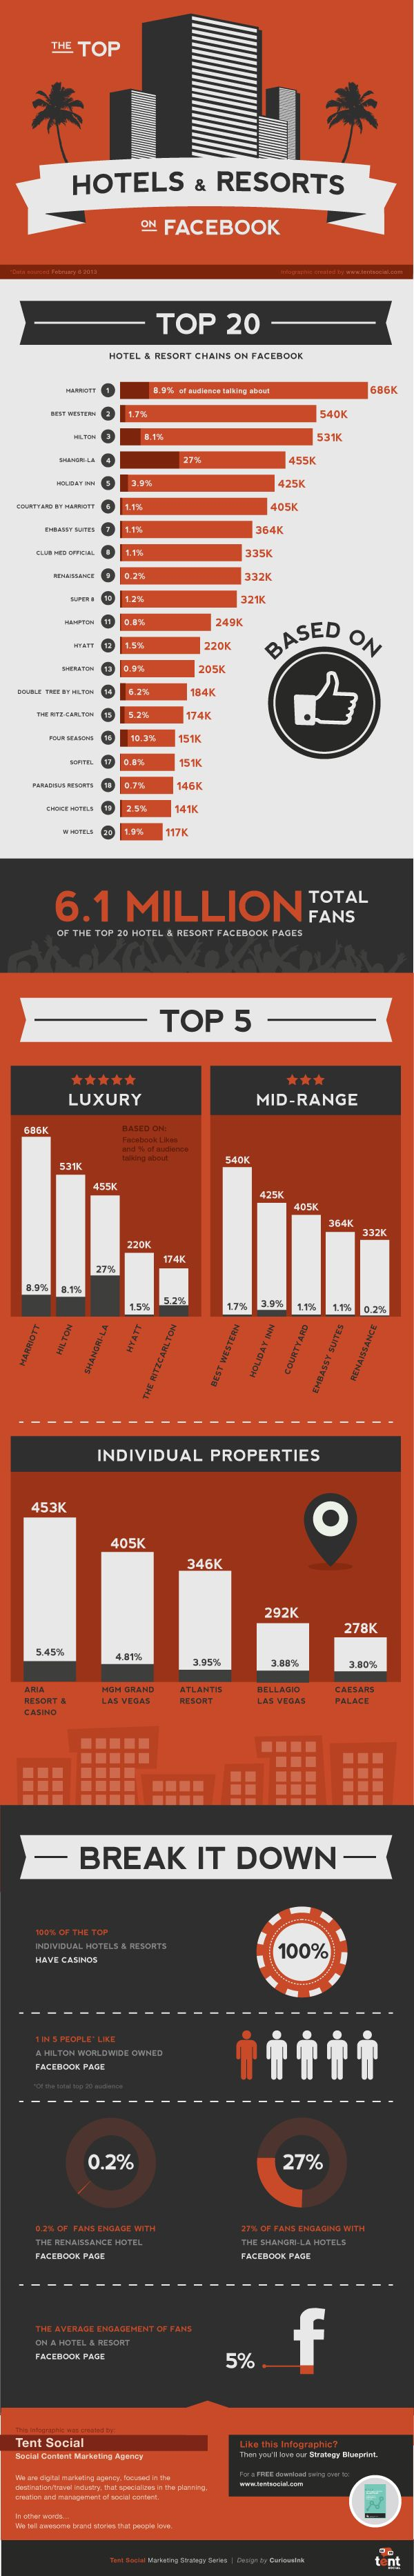 Los hoteles y resorts Top 20 en #Facebook un infográfico por @TENT SOCIAL #SMCMX #turismo